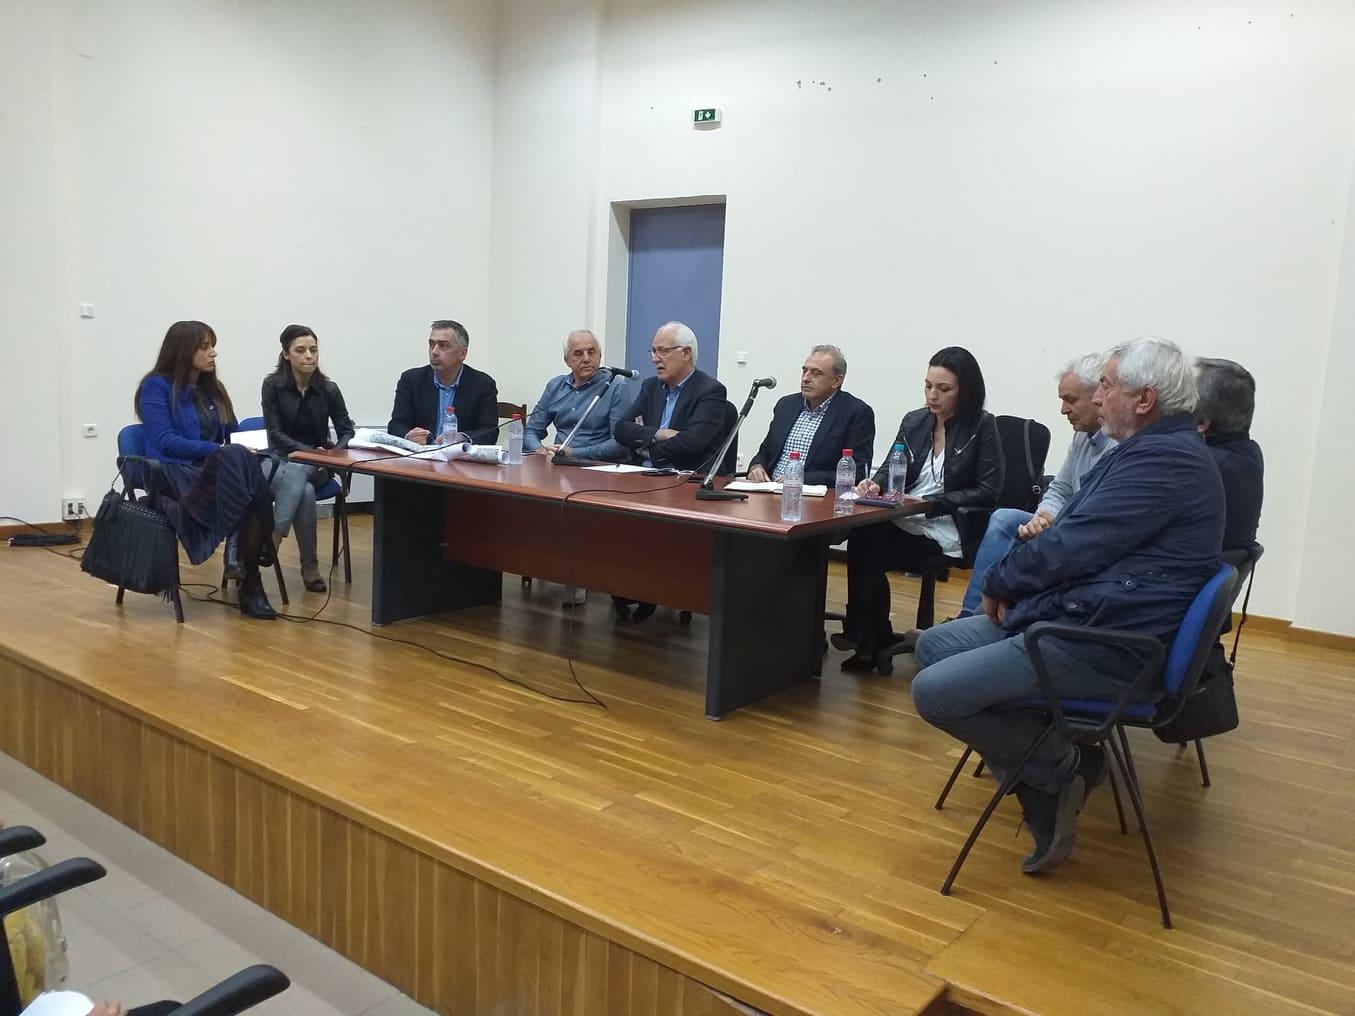 Με συμμετοχή πλήθους πολιτών οι συνελεύσεις στα χωριά του Δήμου Λαρισαίων (ΦΩΤΟ)